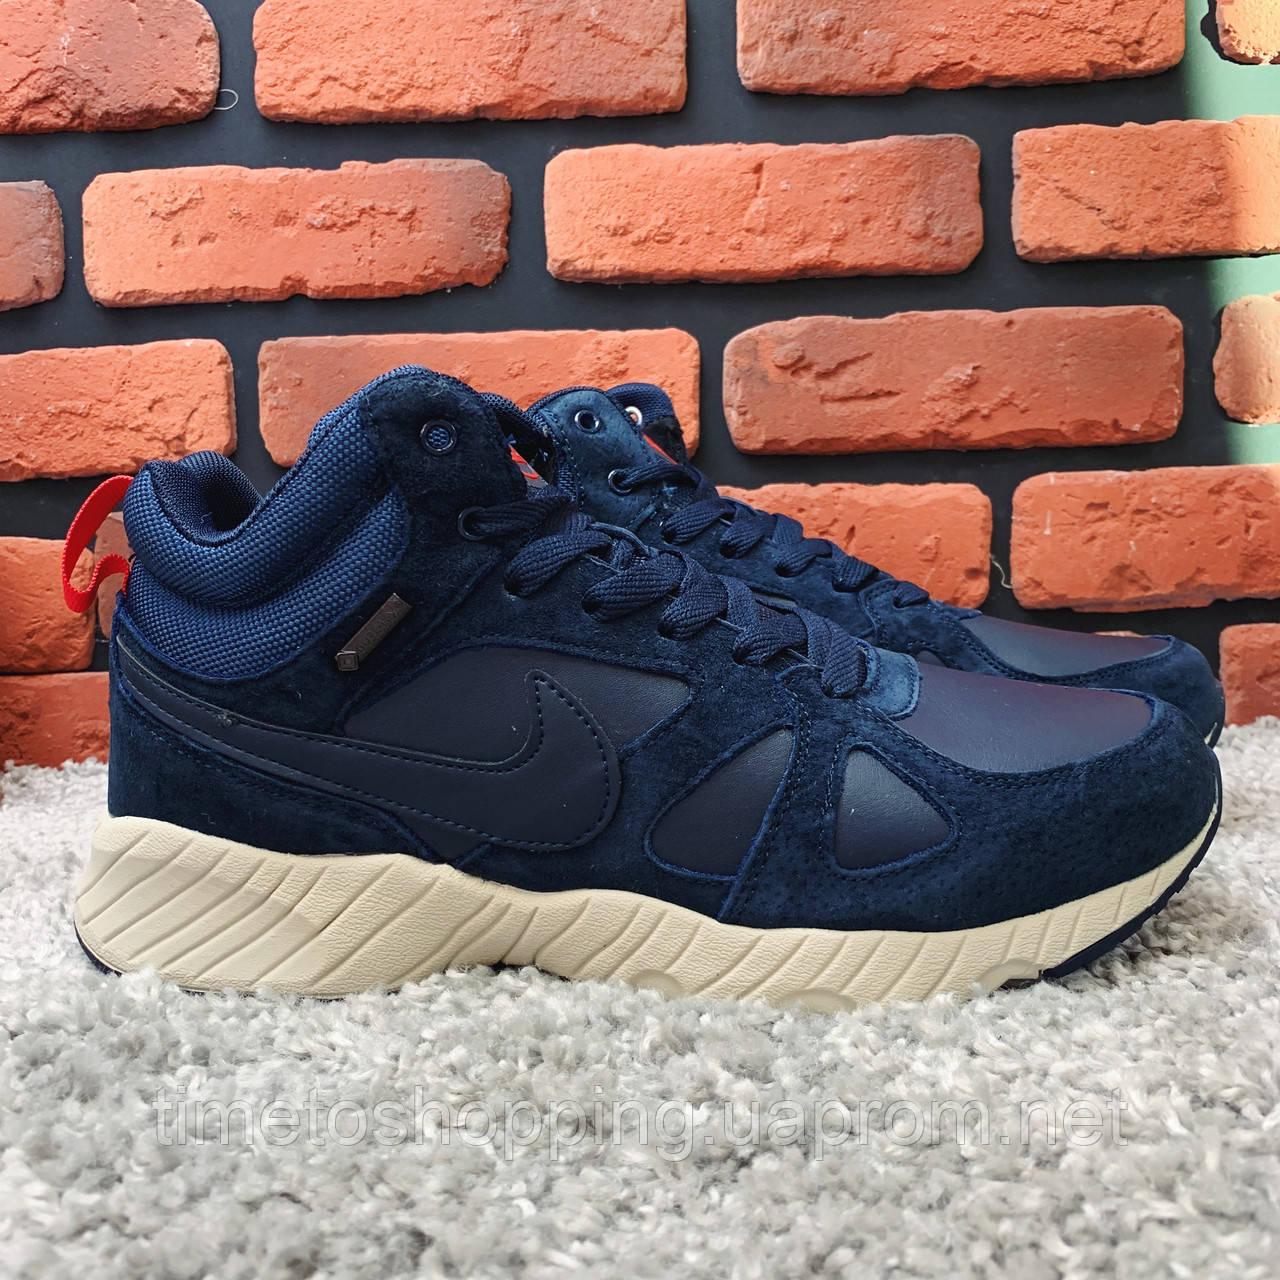 Зимние ботинки (на меху) мужские Nike Air Max 1-153 ⏩РАЗМЕР [ 42,44,45.46 ]